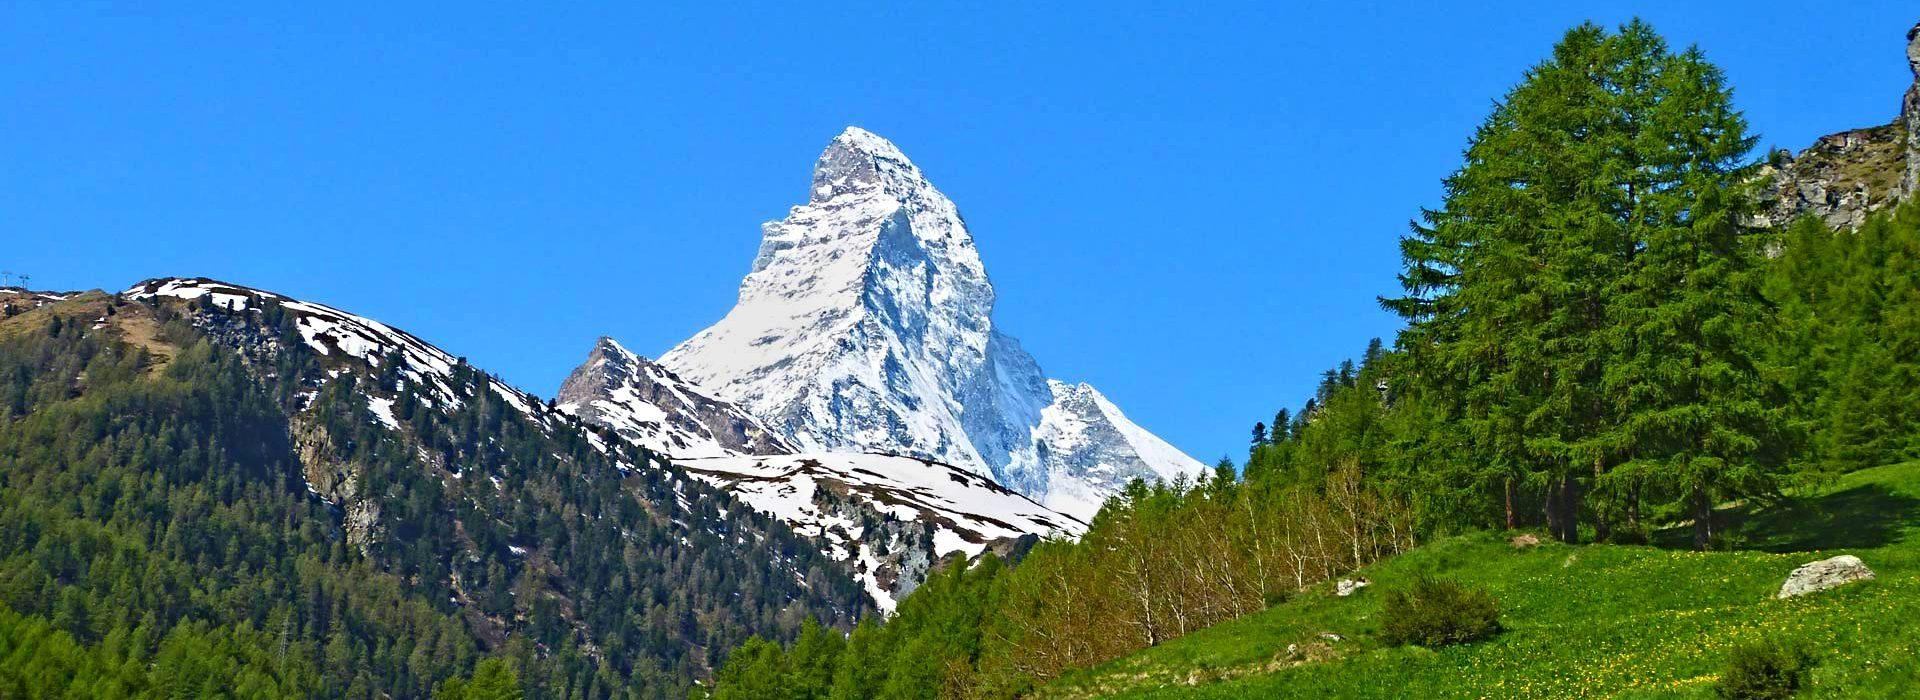 Matterhorn-Schweiz-slider1